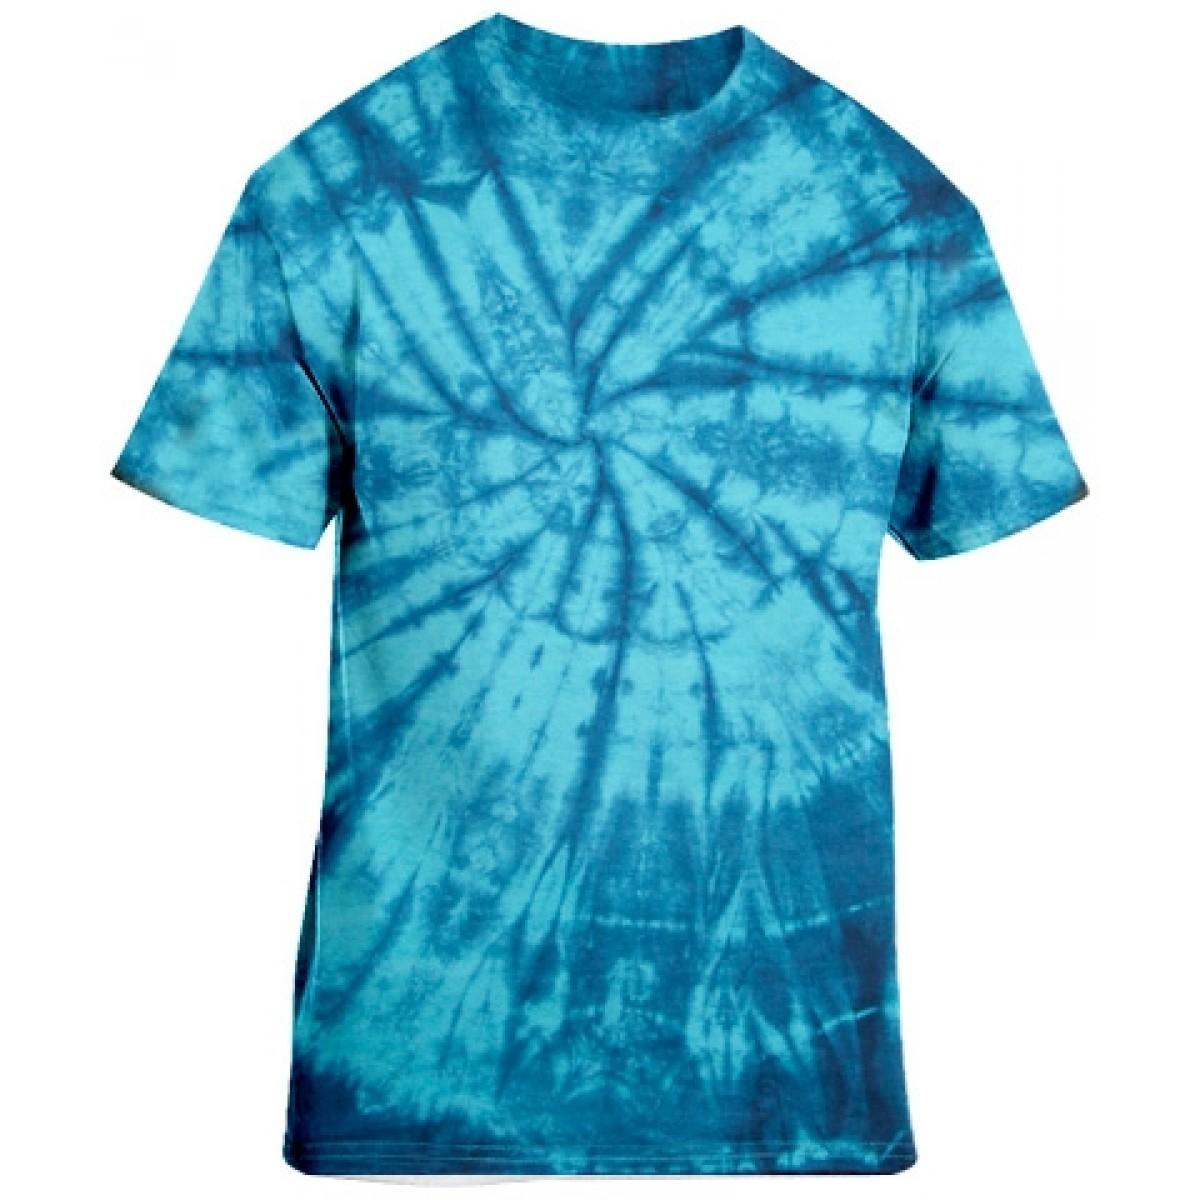 Tie-Dye Blue Short Sleeve-Blue-M